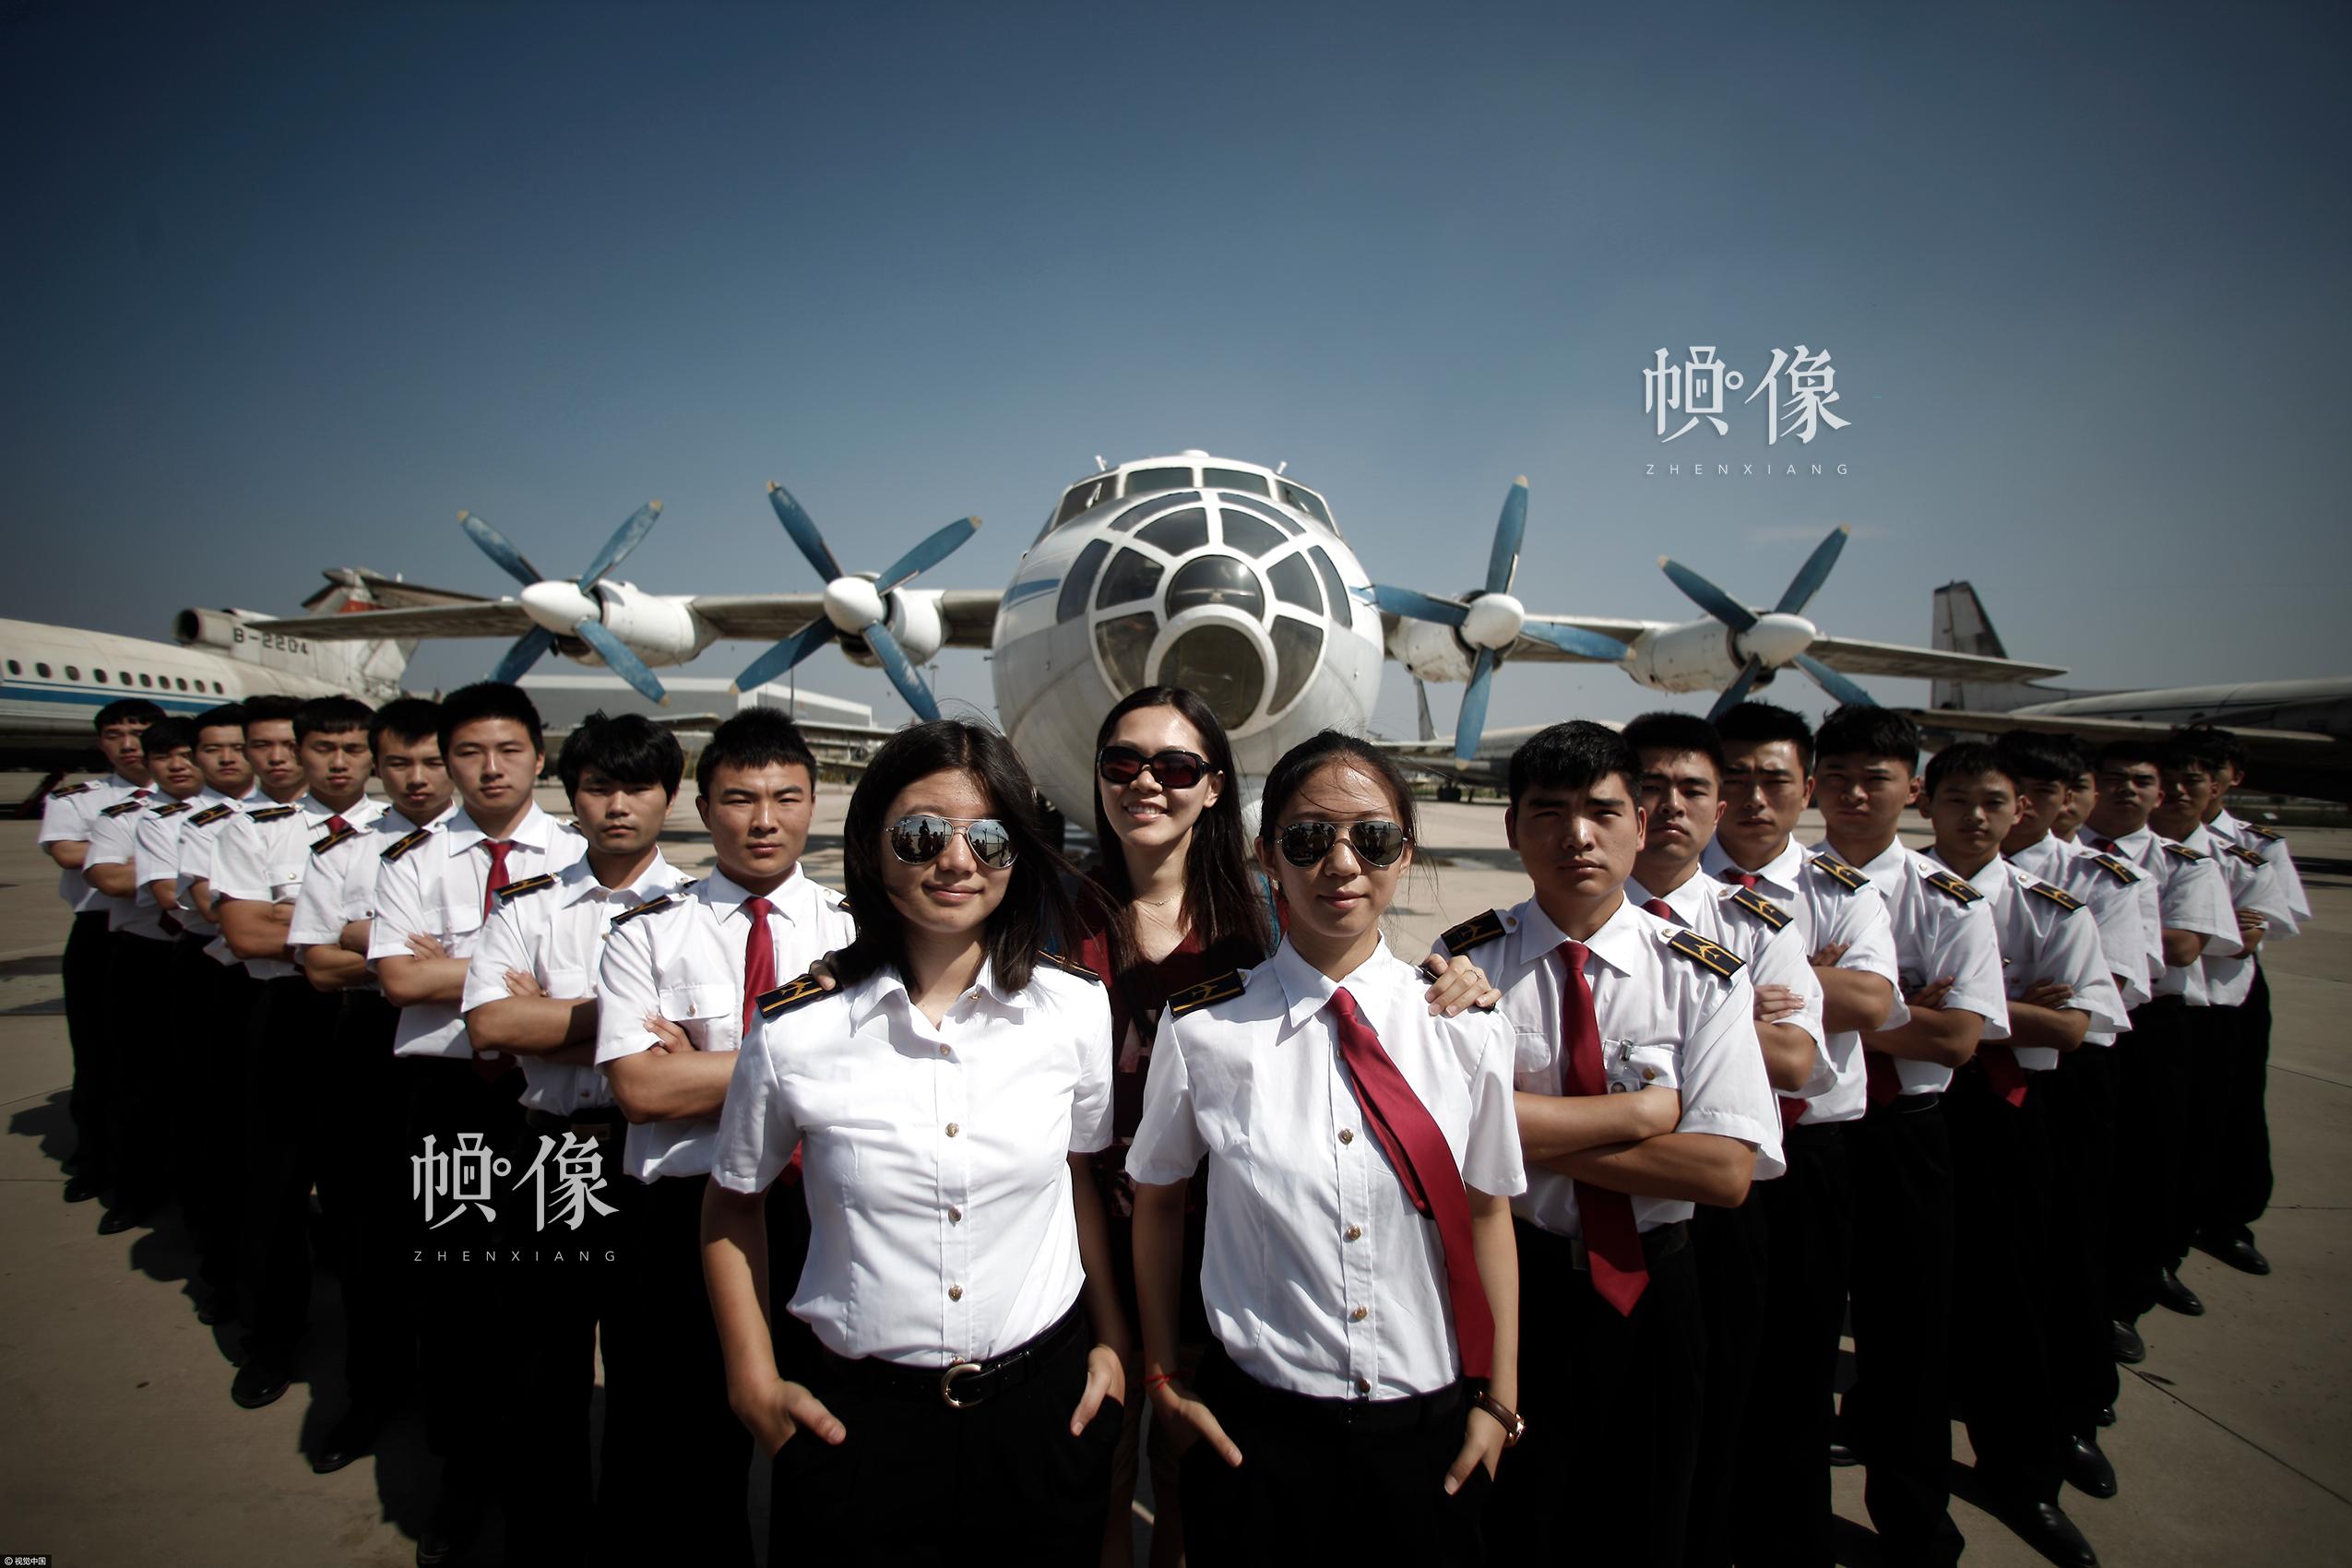 2015年06月11日,天津,一年一度的毕业季如约而至,学子们纷纷在校园内拍摄毕业照,为青春留下最美的记忆。中国民航大学3位90后美女飞行员毕业生身着统一制服,在校园内拍摄个性毕业照,霸气十足。视觉中国供图